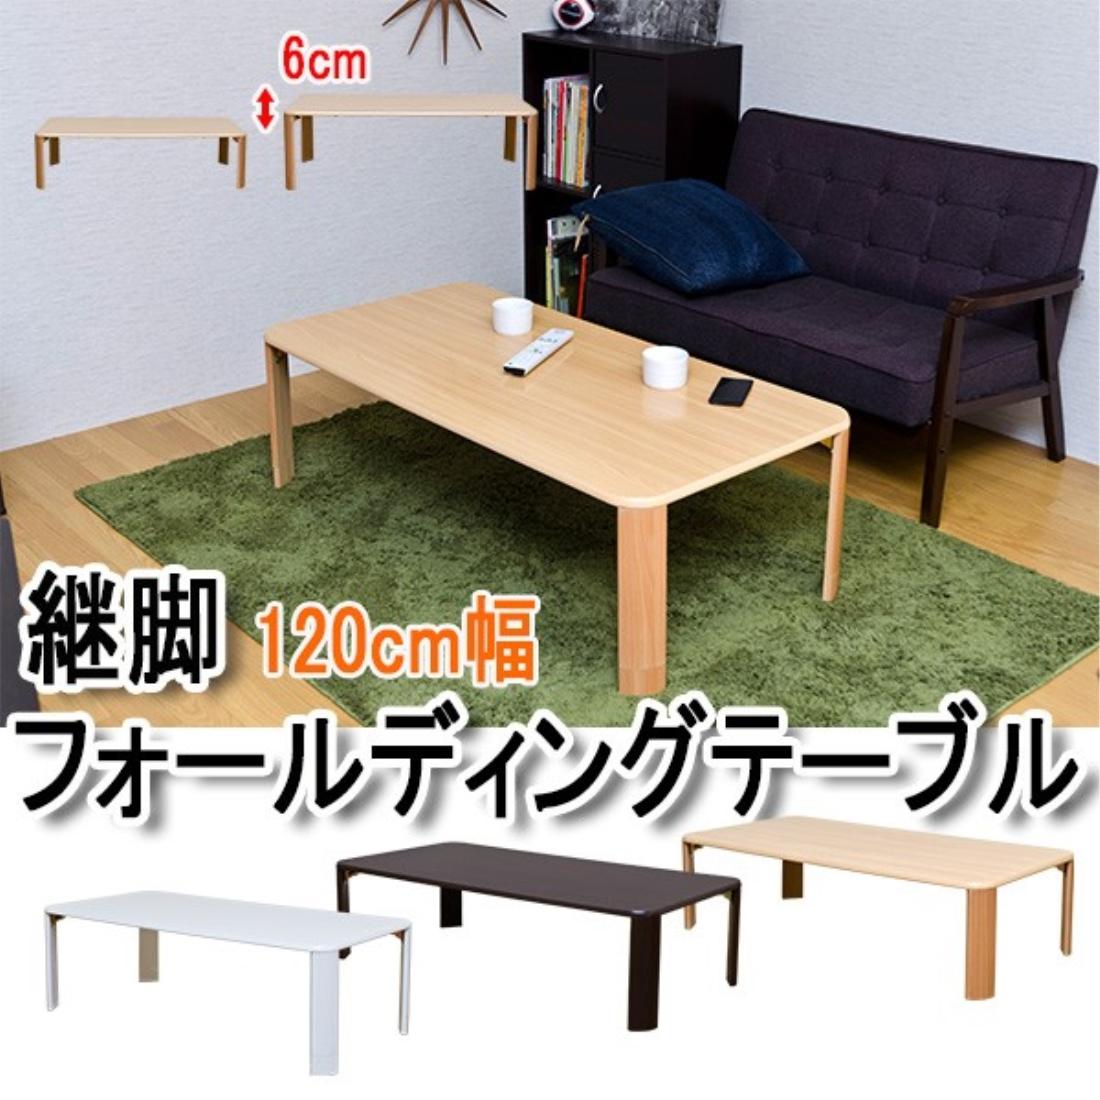 インテリア 家具 机 テーブル 継脚フォールディングテーブル 120×60【時間指定不可】